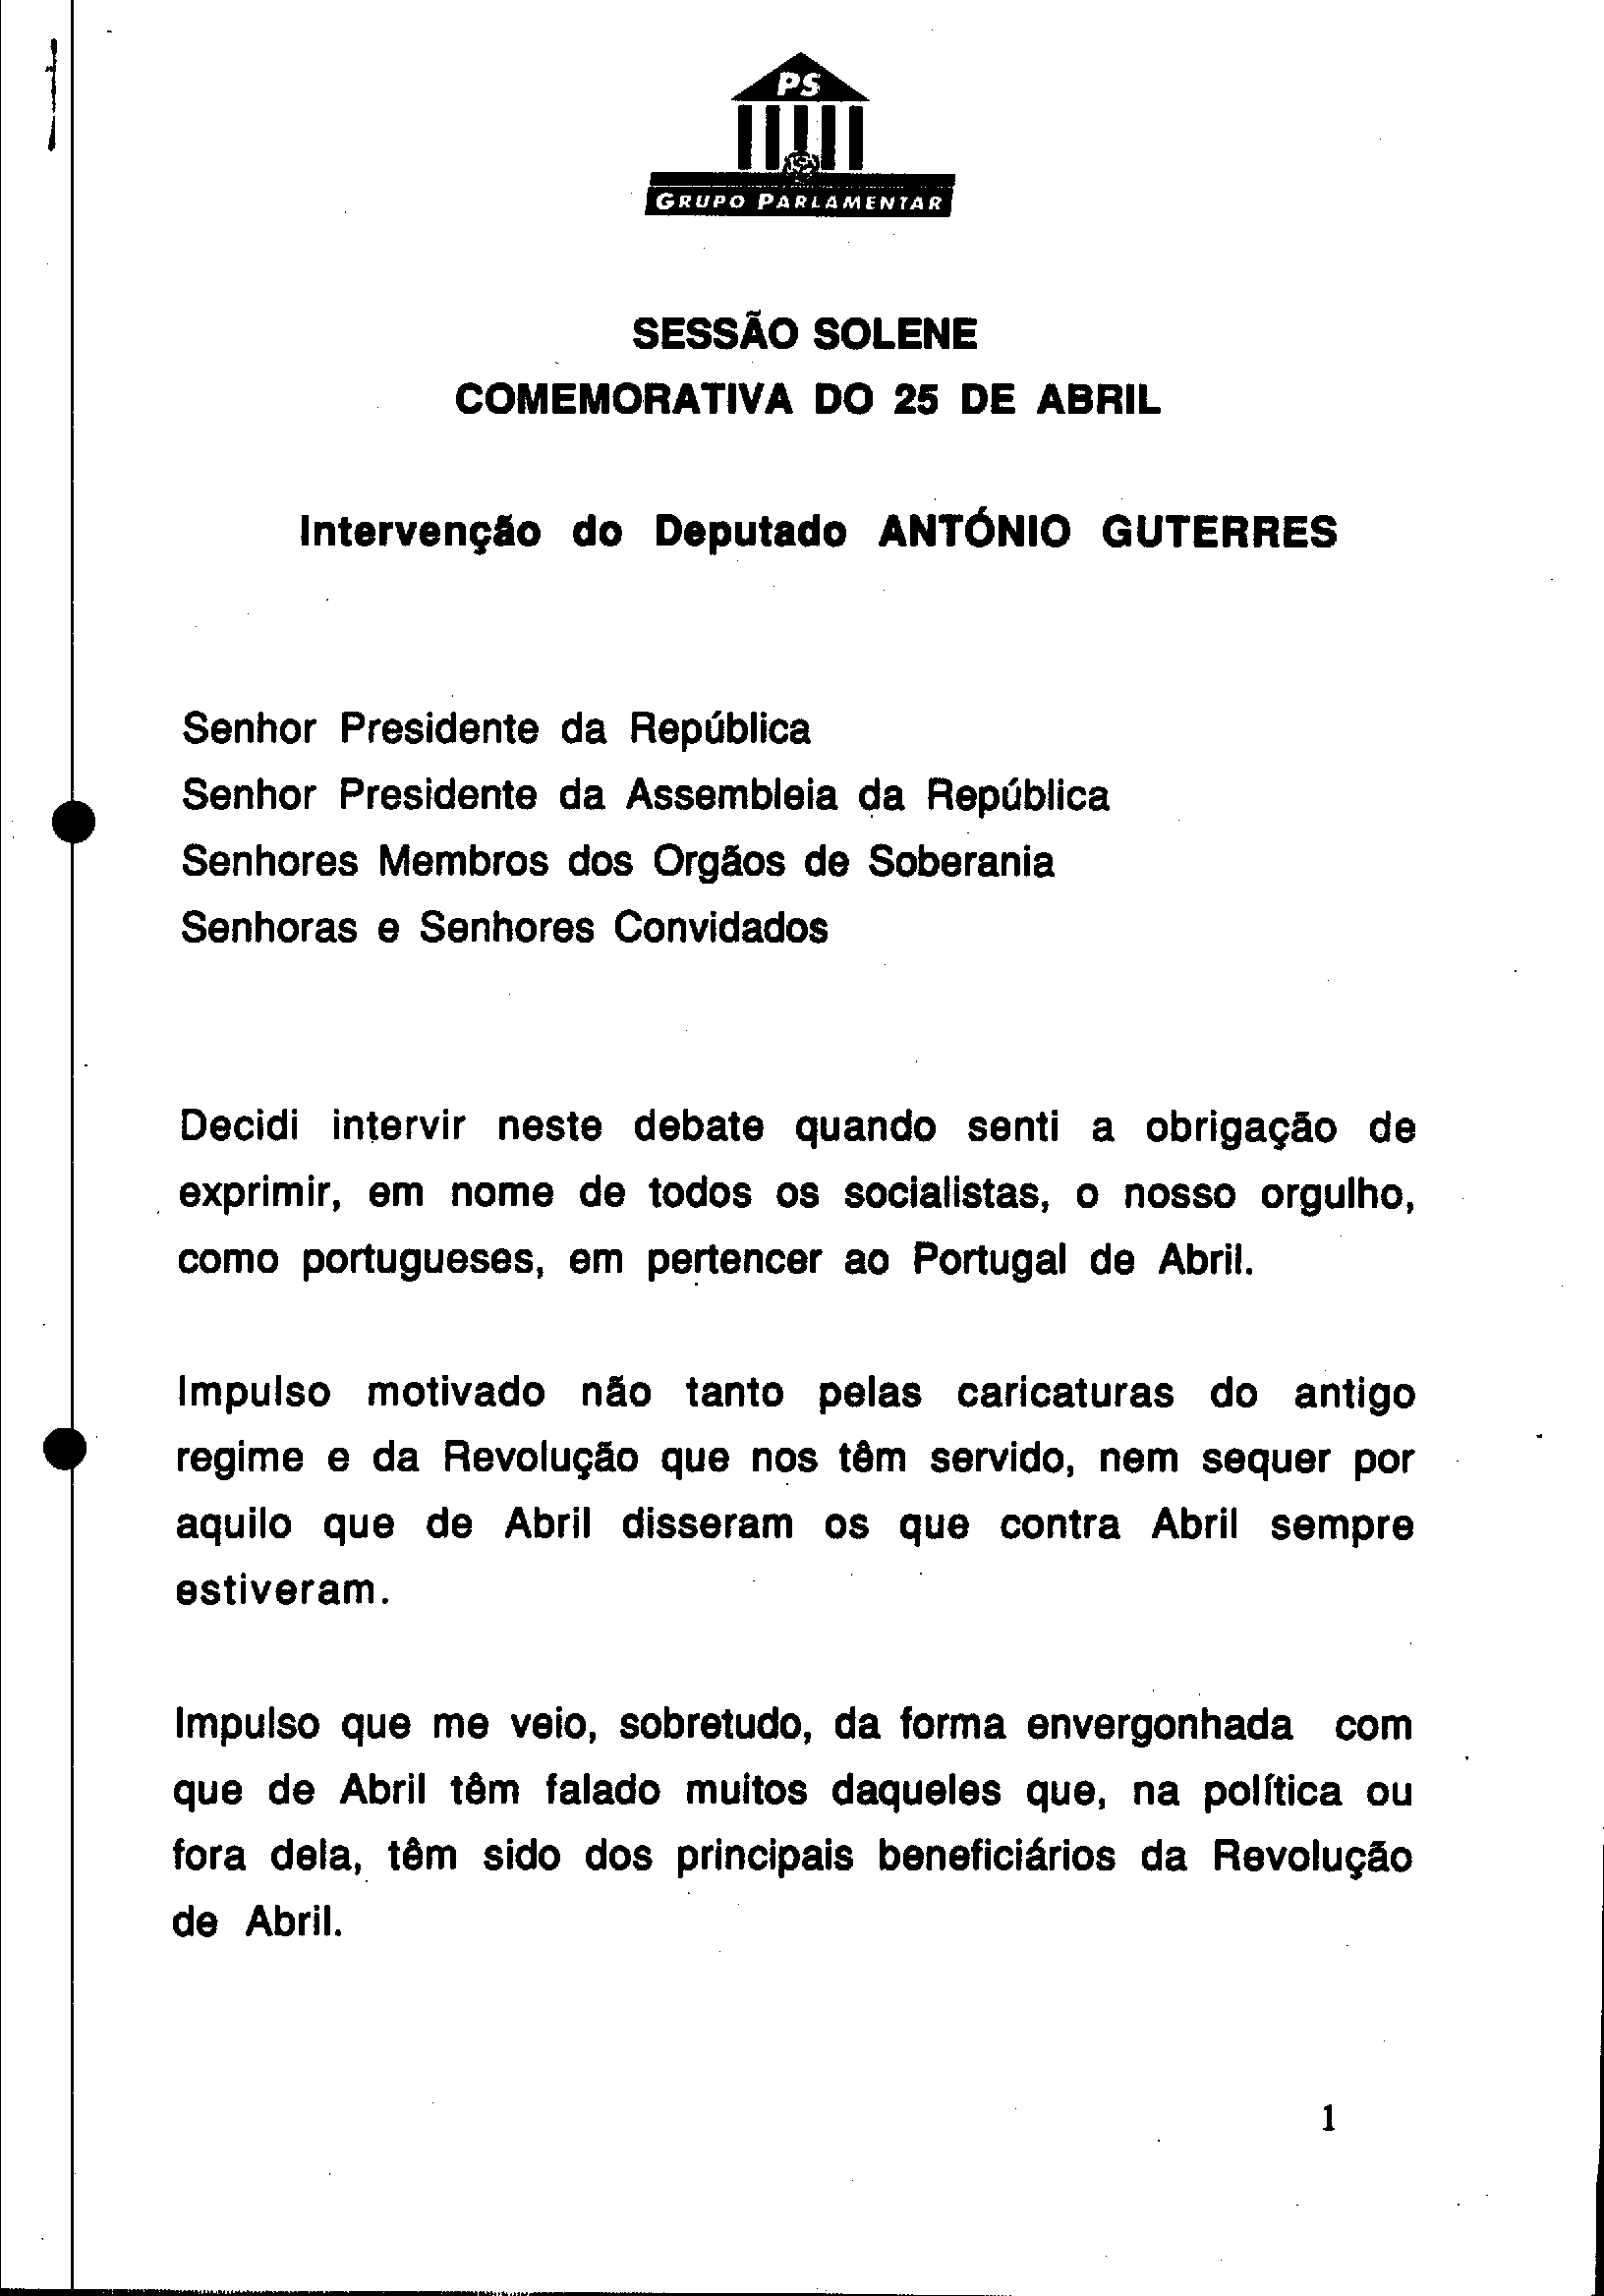 02003.022- pag.1